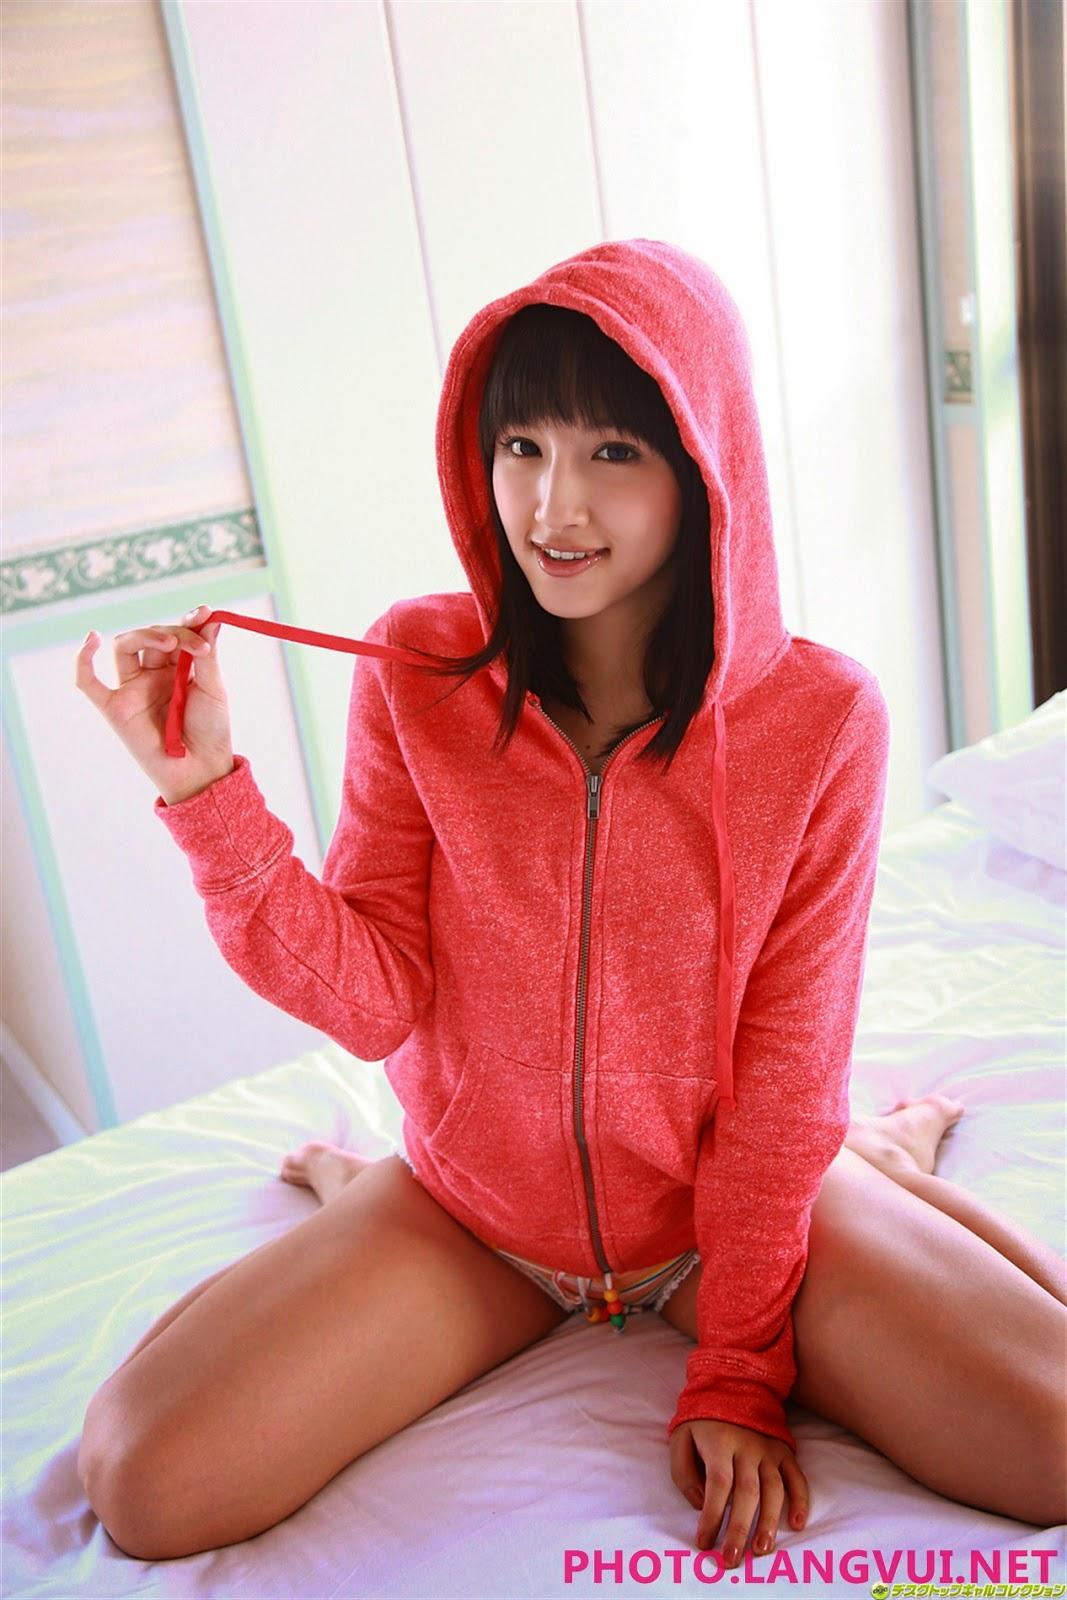 DGC No-919 Roola Aoyaman